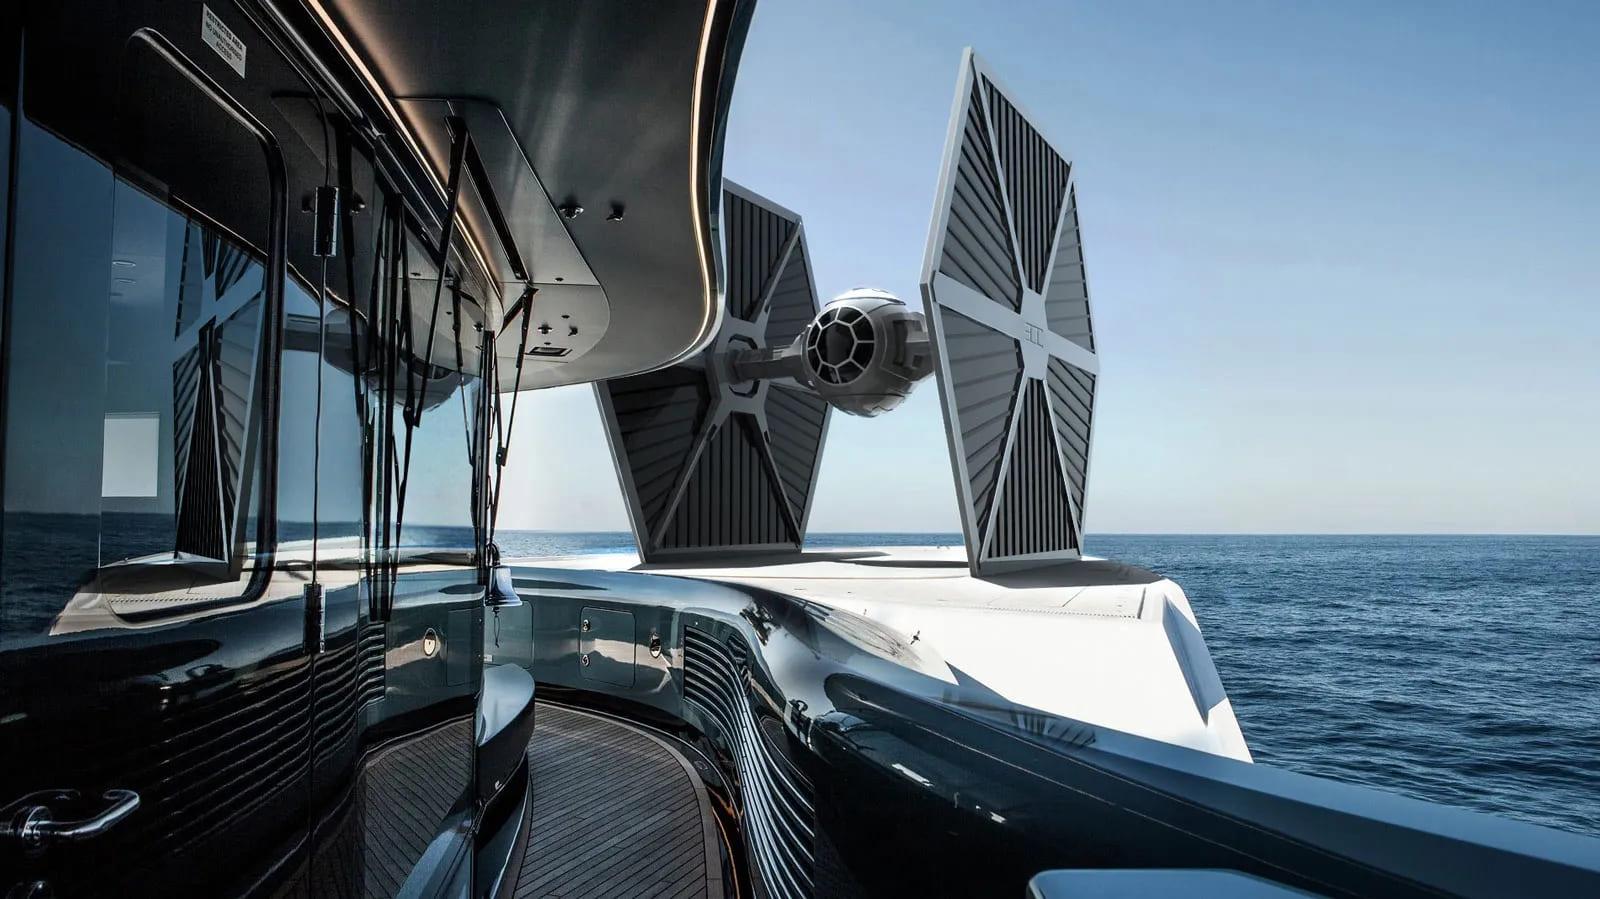 Dia do Star Wars 4 de maio superiates (ThirtyC) - boat shopping